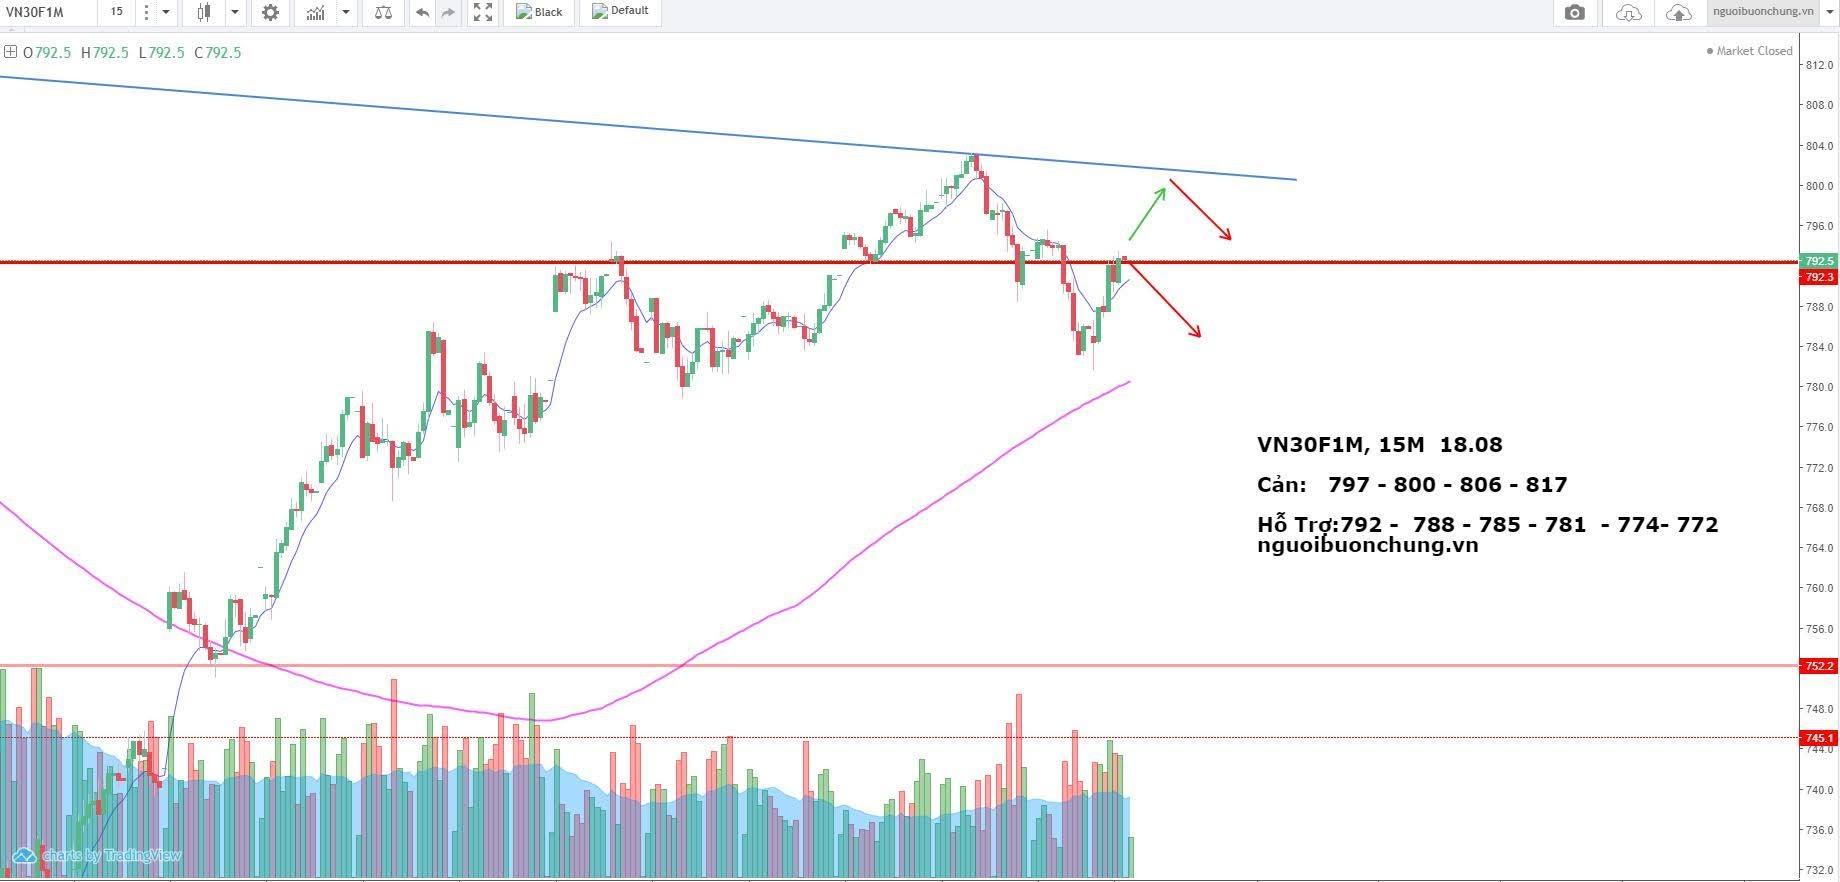 Nhận định thị trường phái sinh 18/08/2020: Tíếp tục tàu lượn